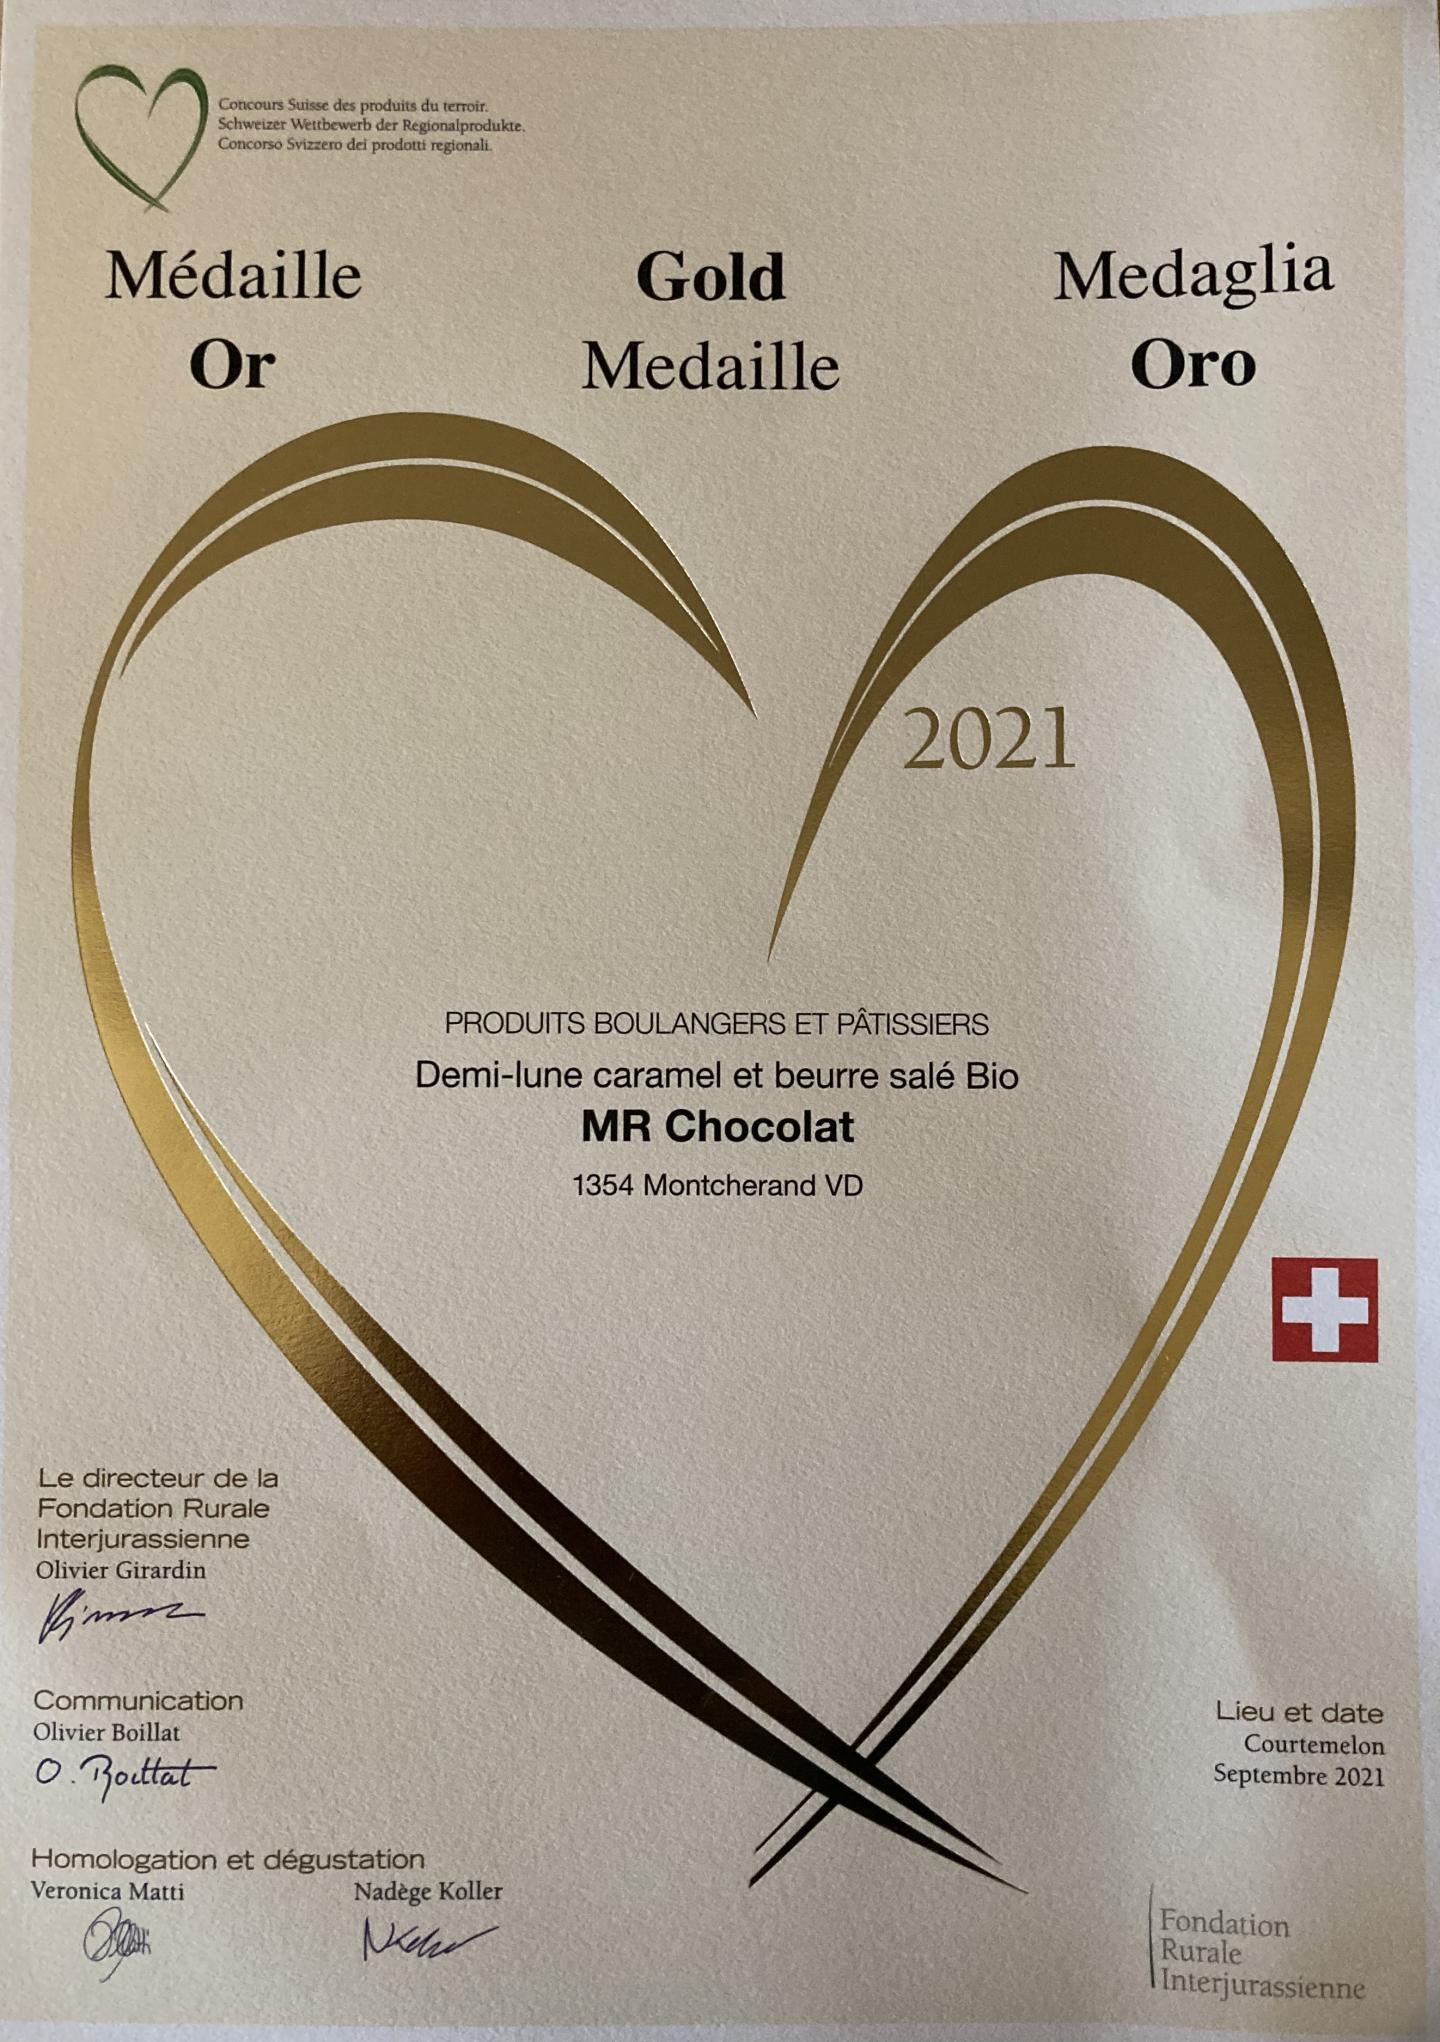 médaille or 2021